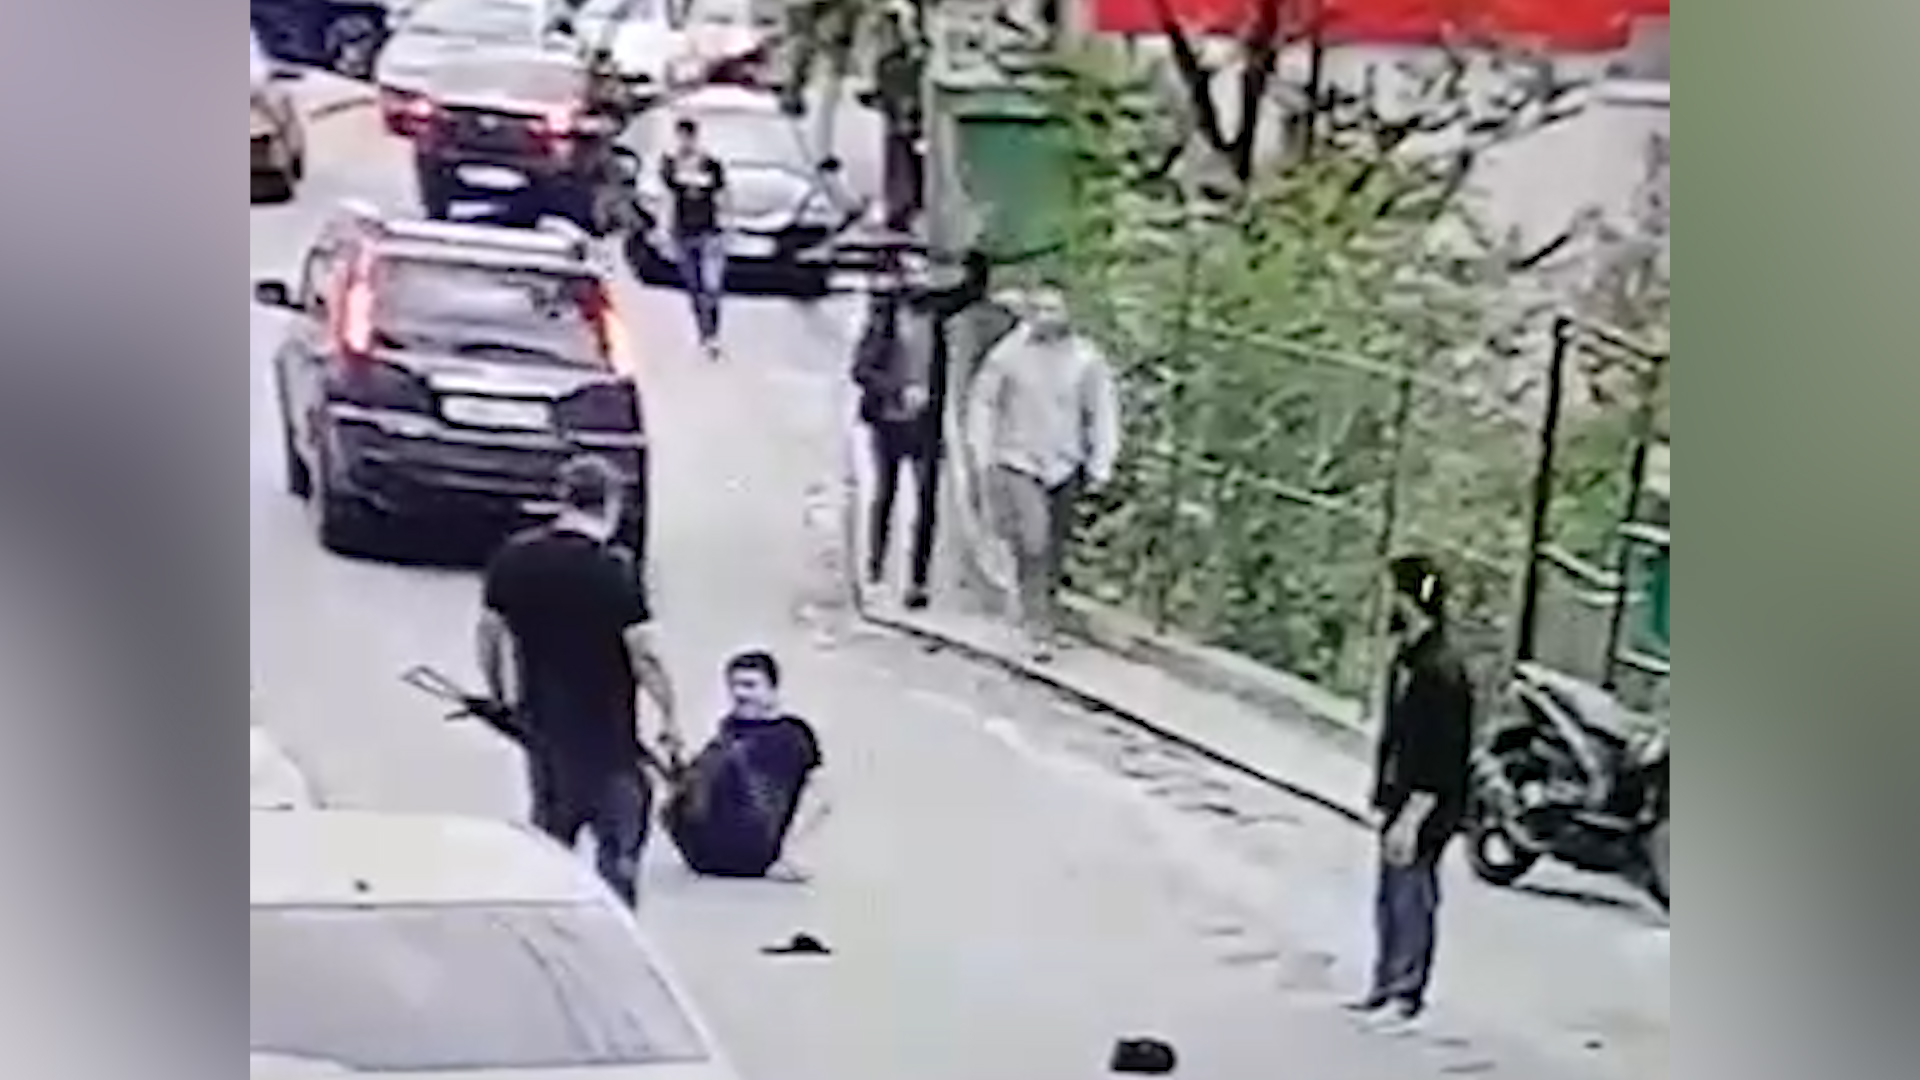 У зачинщика массовой драки со стрельбой из Сочи оказалось богатое криминальное прошлое